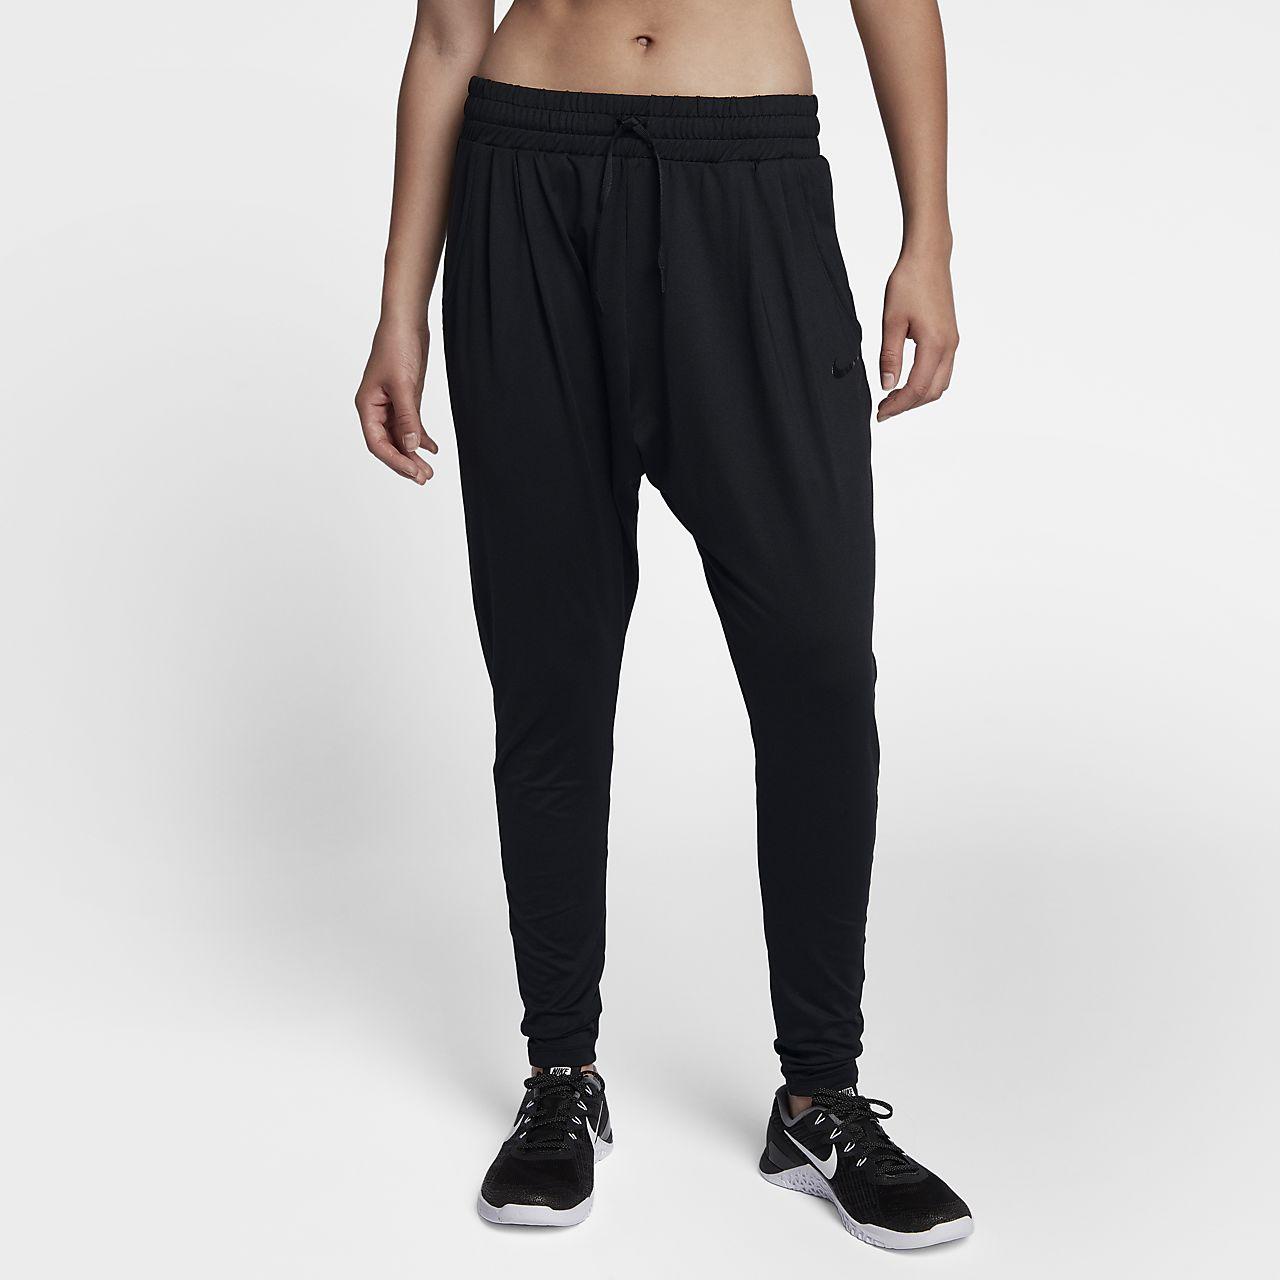 Nike Dri-FIT Lux Flow-træningsbukser med mellemhøj talje til kvinder